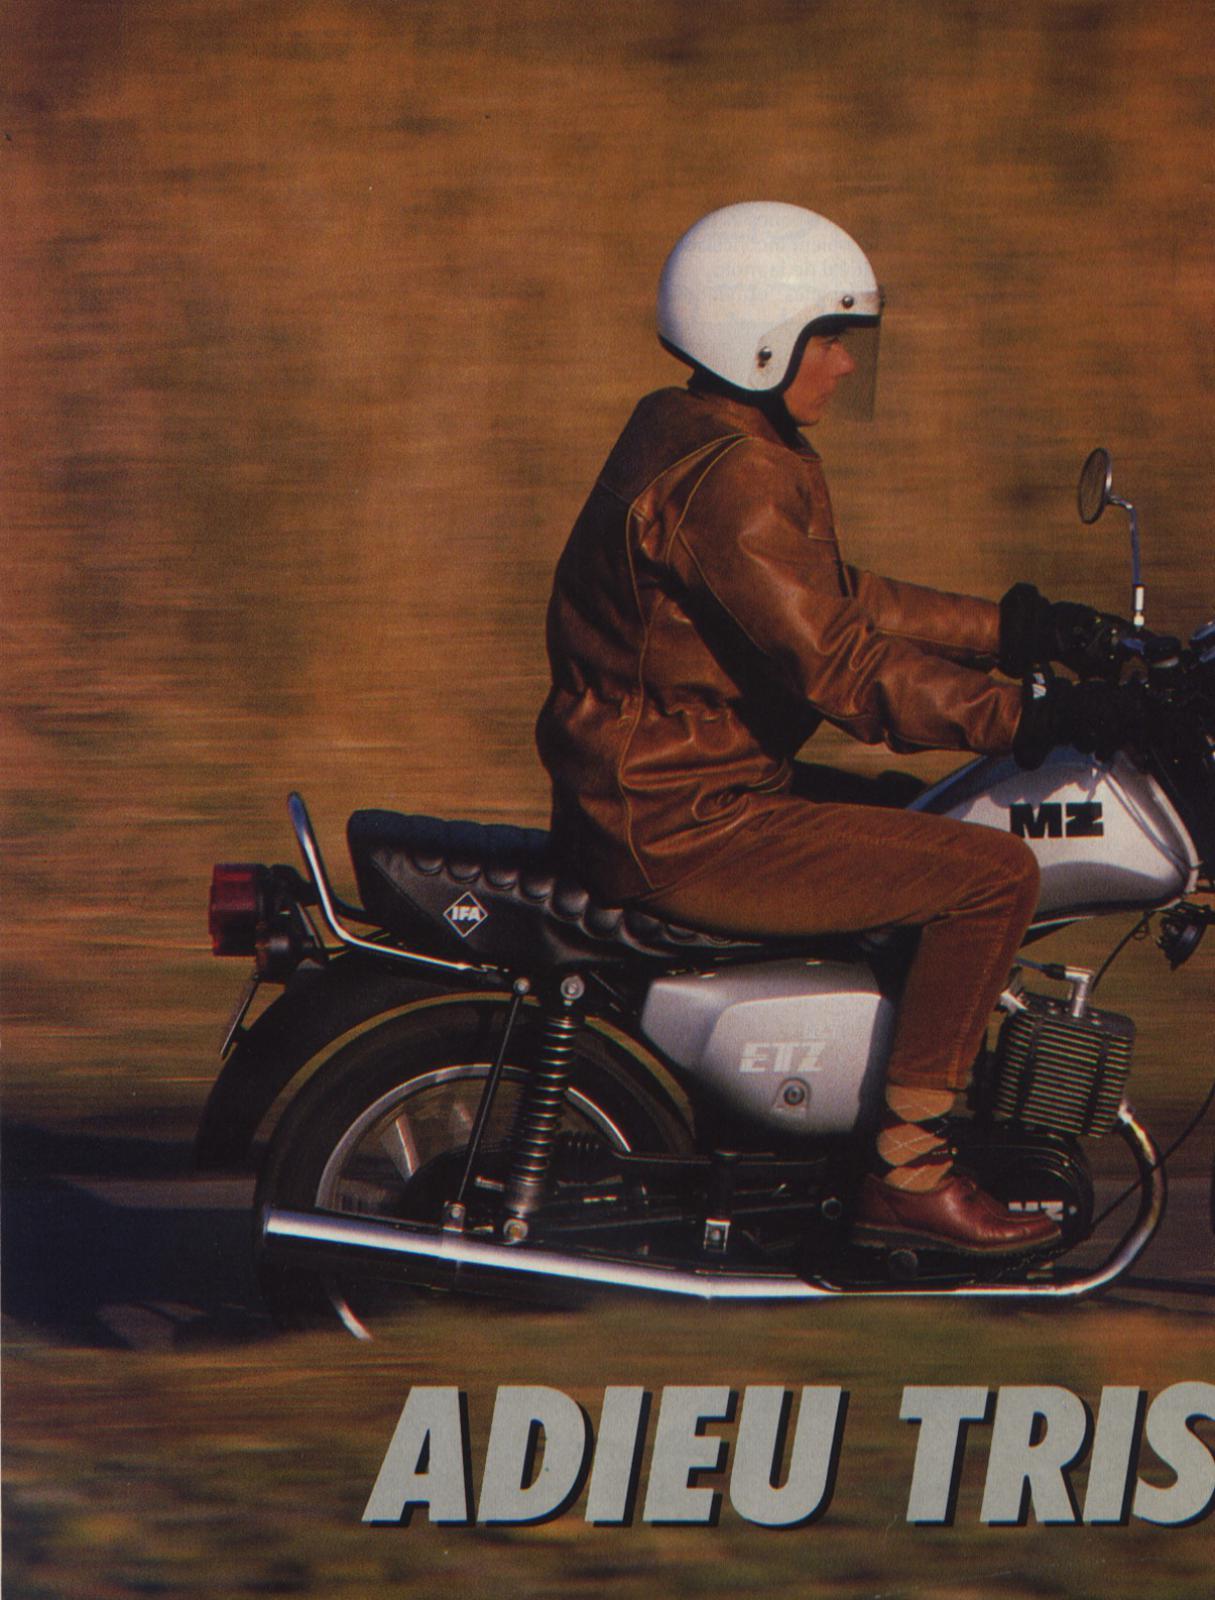 essai moto journal 1986 125 etz 786456Scan1